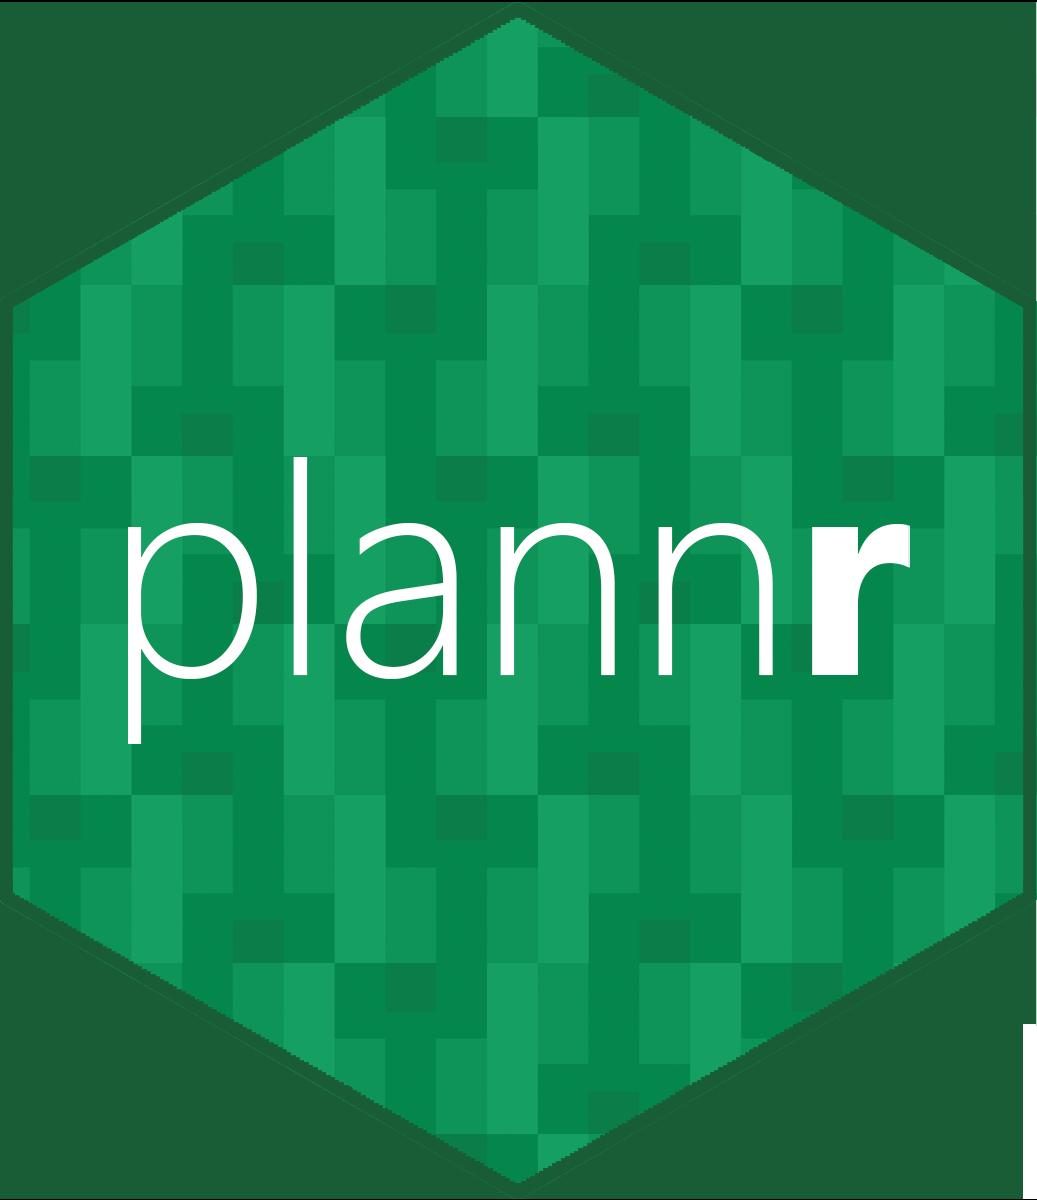 plannr